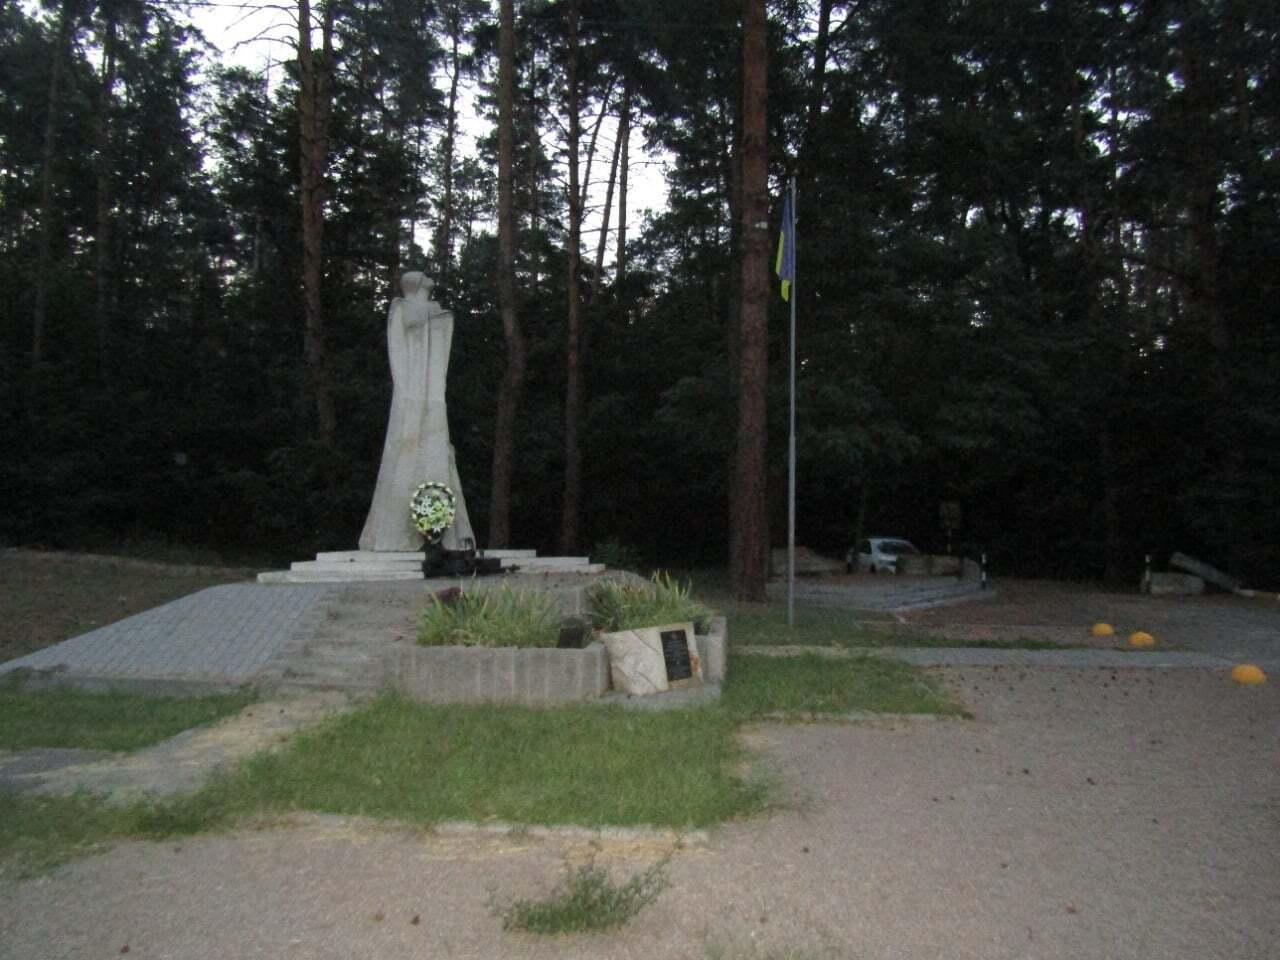 Злоумышленник приехал к памятнику на велосипеде.